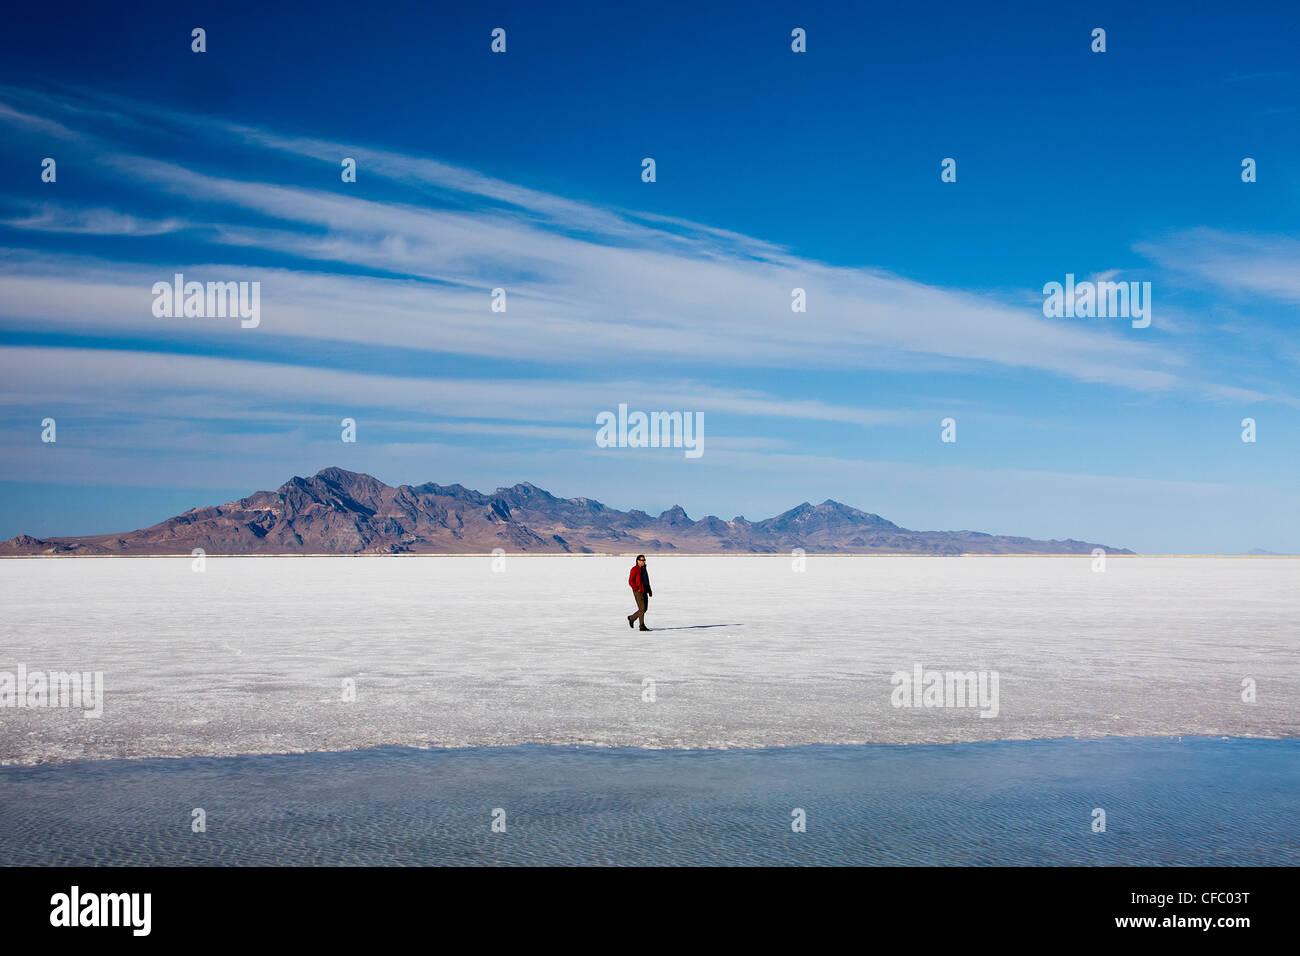 USA, Utah, Bonneville, salines, big, curieux, dessert, sec, télévision, voyage, immense, l'homme, Photo Stock